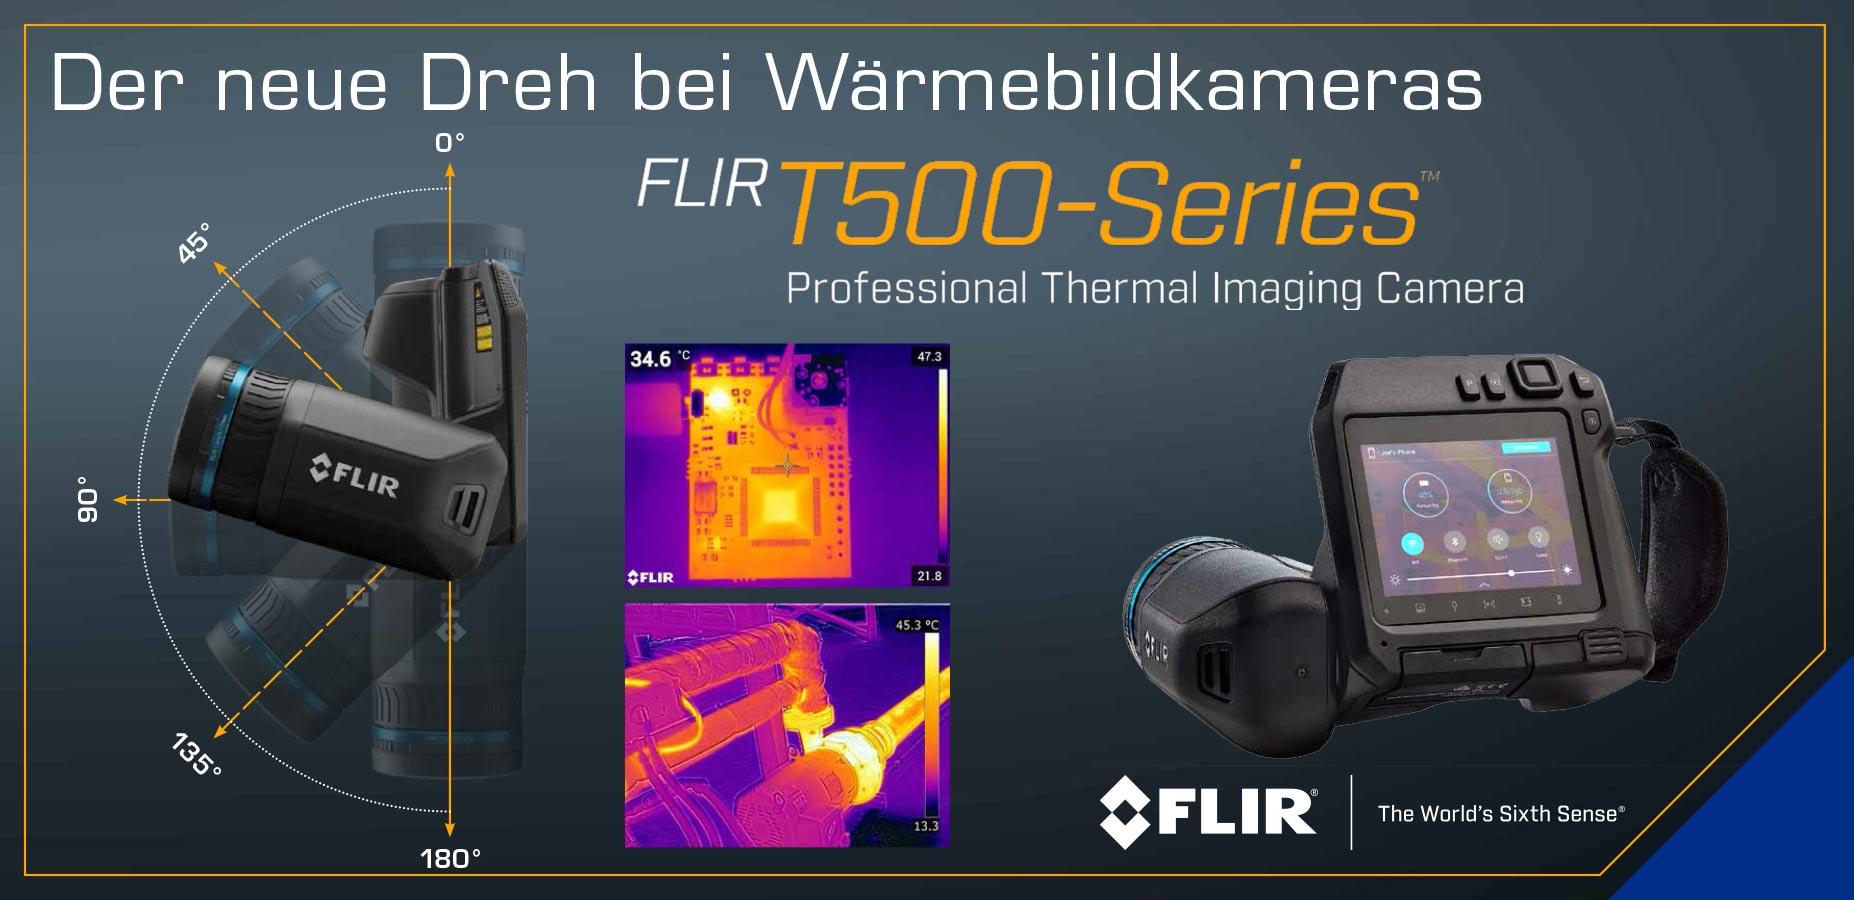 FLIR T500 - Der neu Dreh